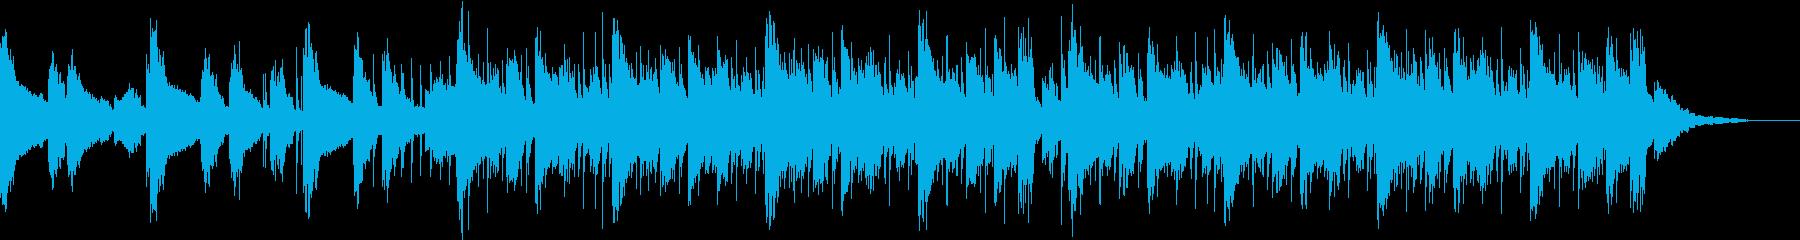 綺麗・知育・科学・サイエンスの再生済みの波形